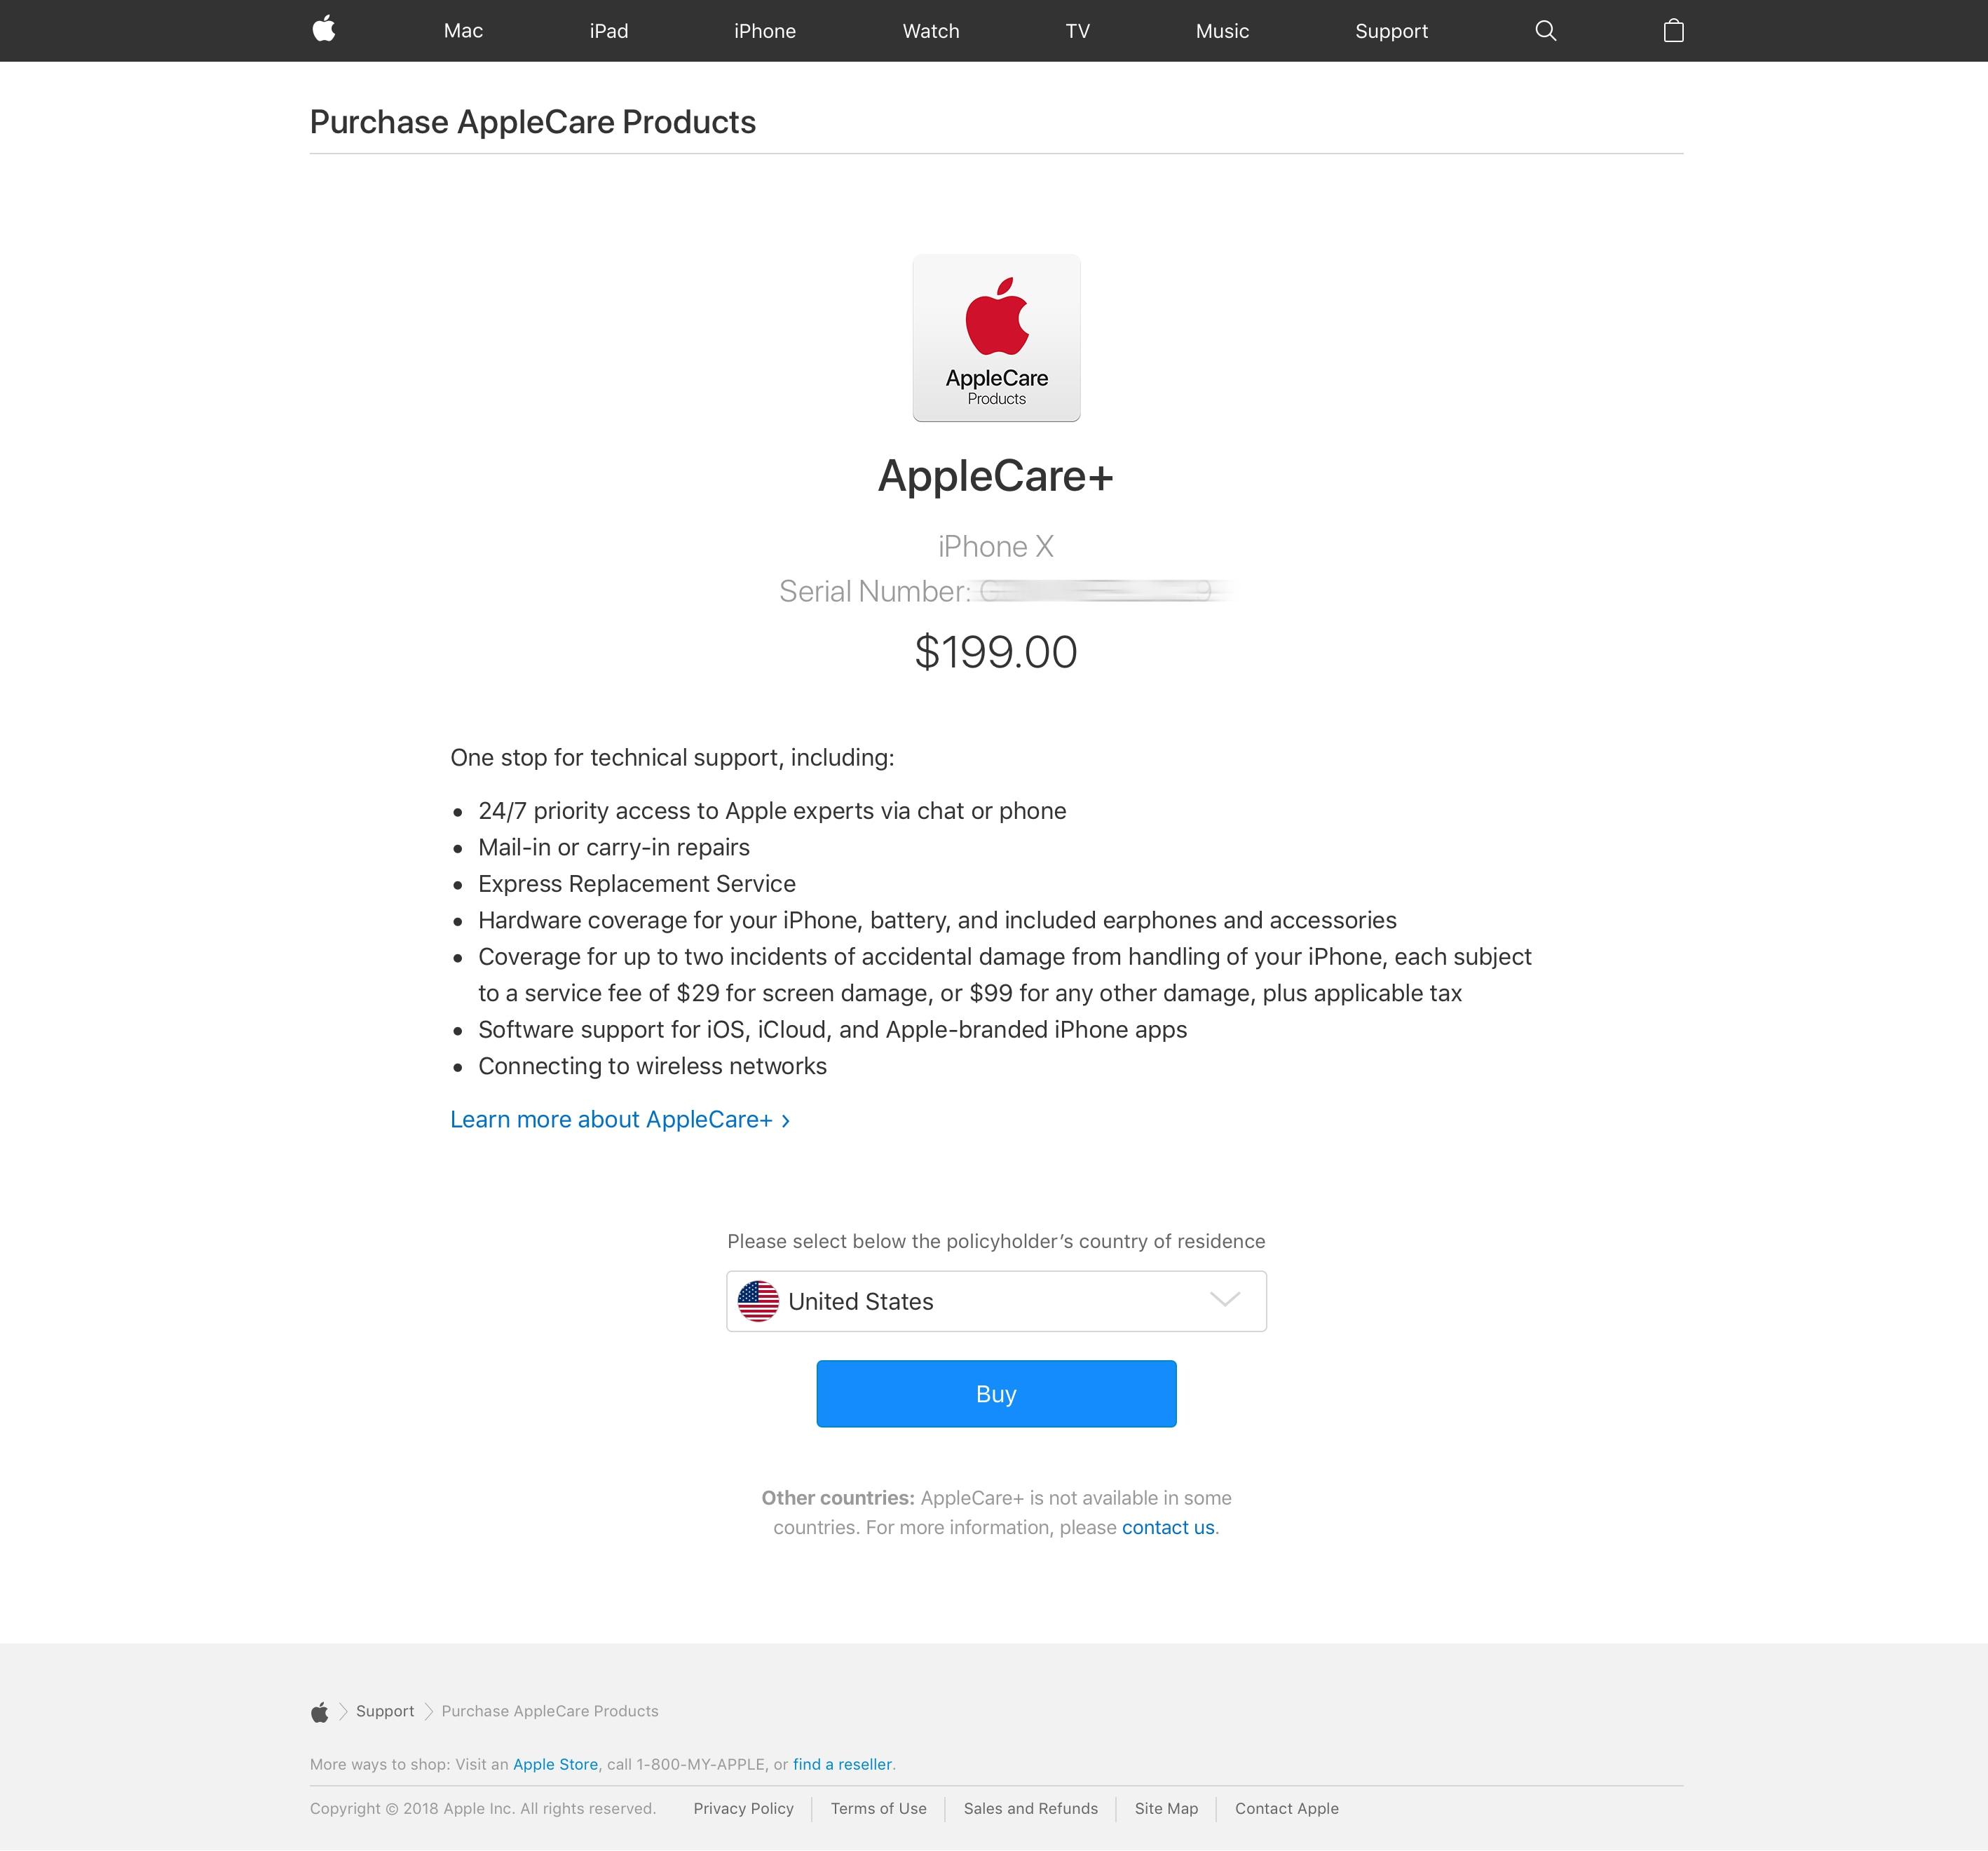 Comprando o AppleCare+ para iPhone